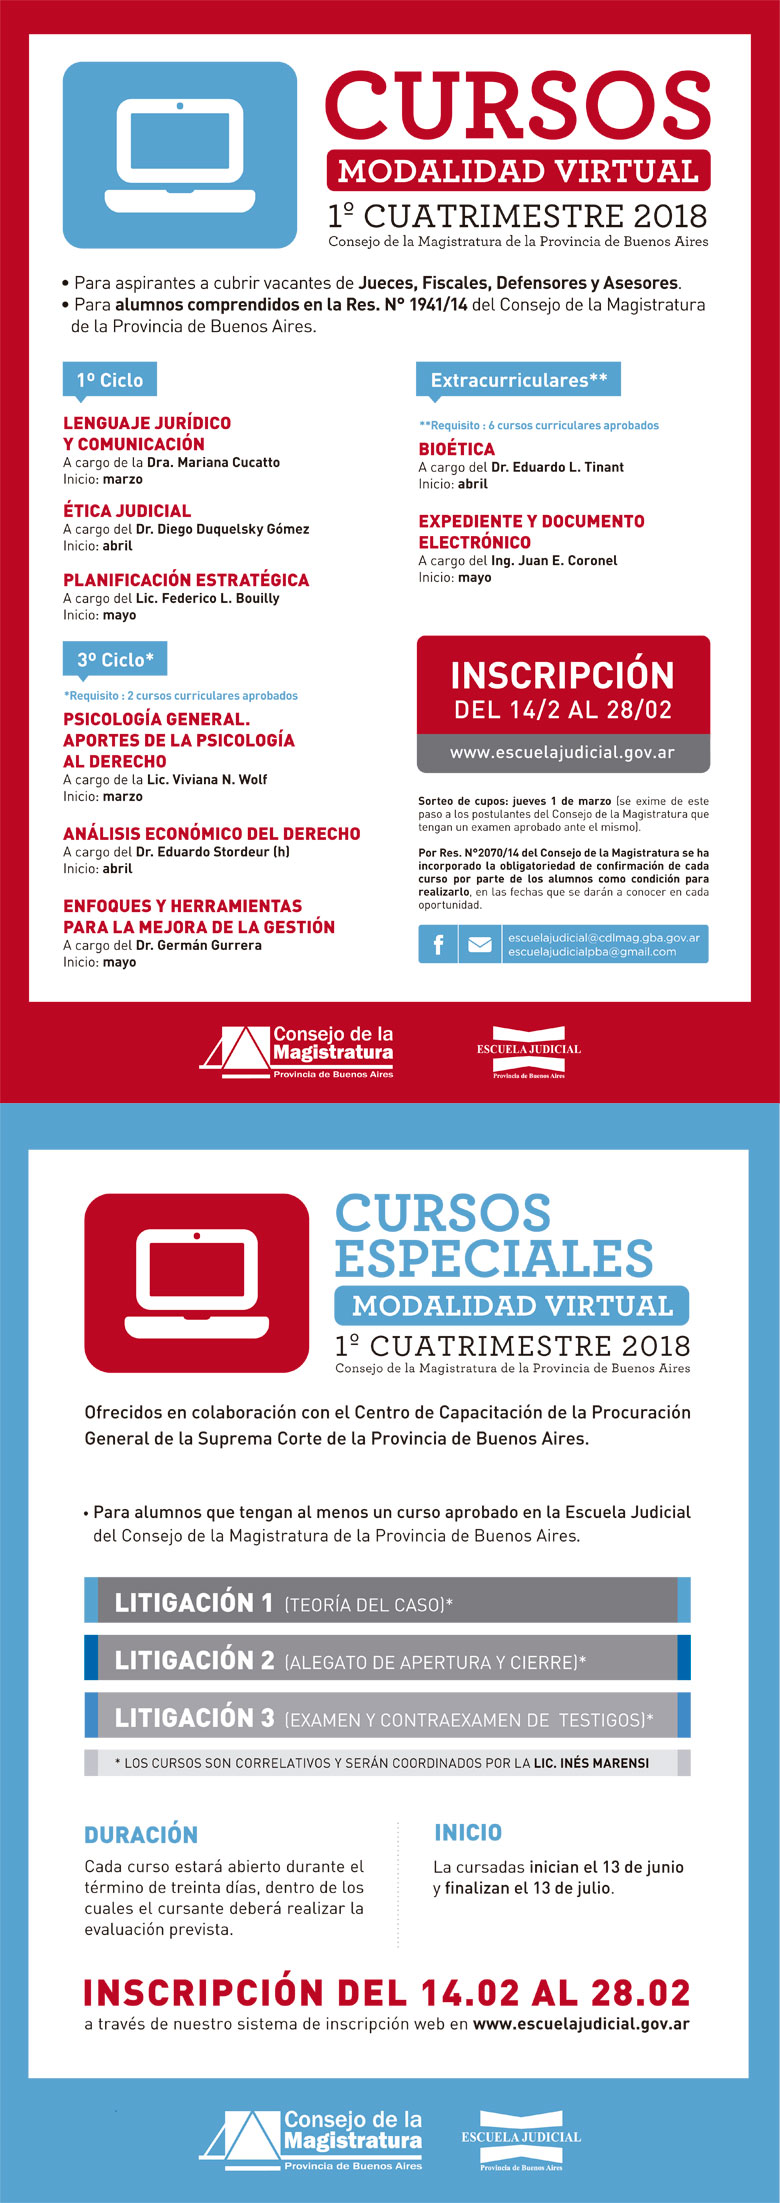 CONSEJO DE LA MAGISTRATURA DE LA PCIA. DE BS. AS.